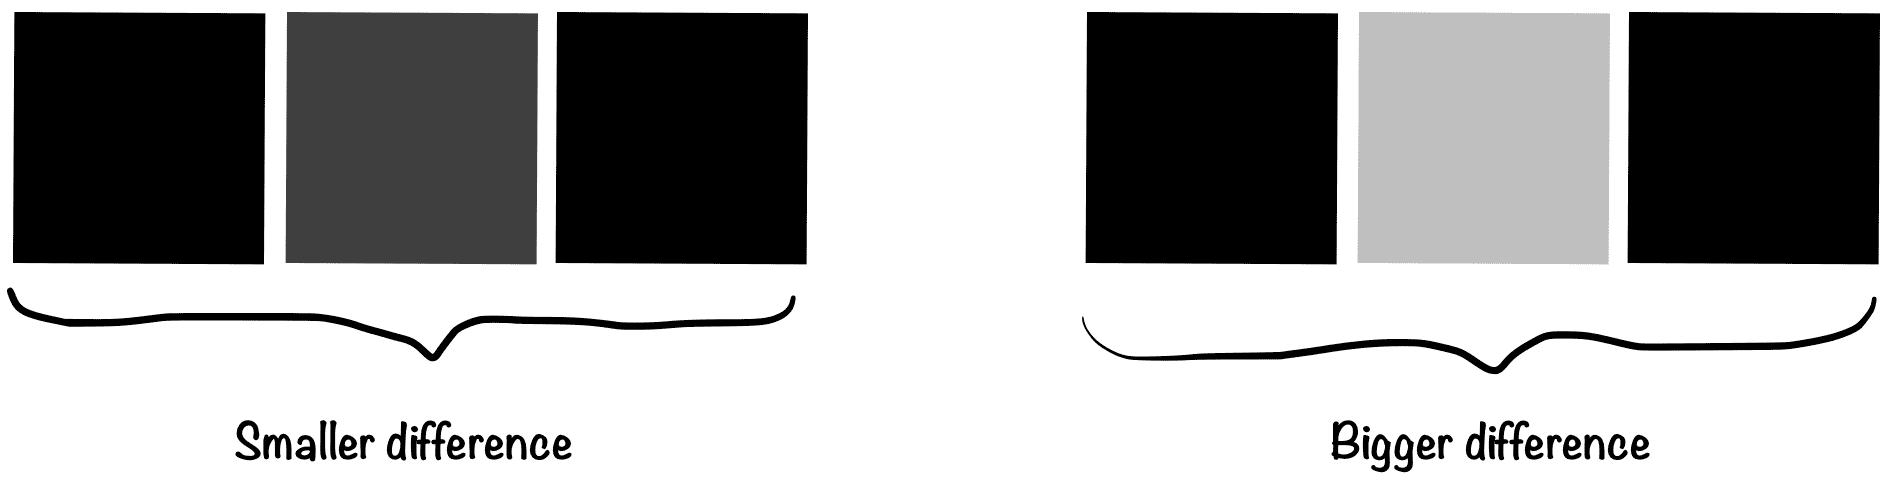 вычисление важности пикселя